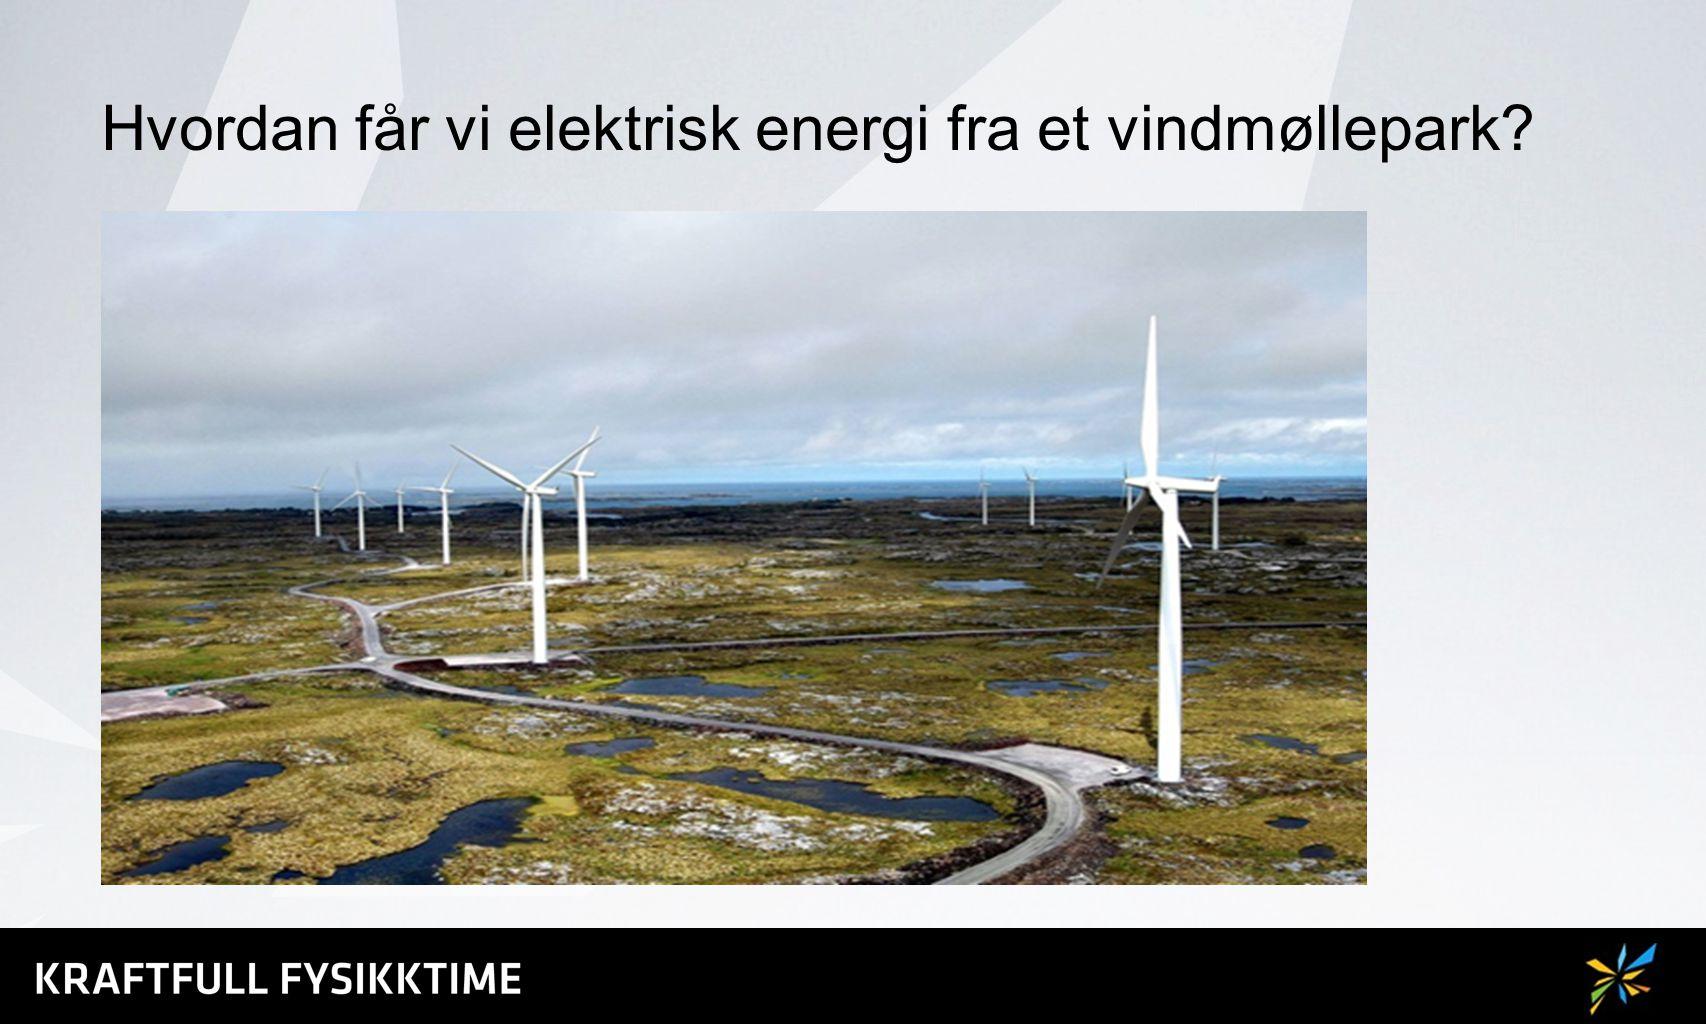 Hvordan får vi elektrisk energi fra et vindmøllepark